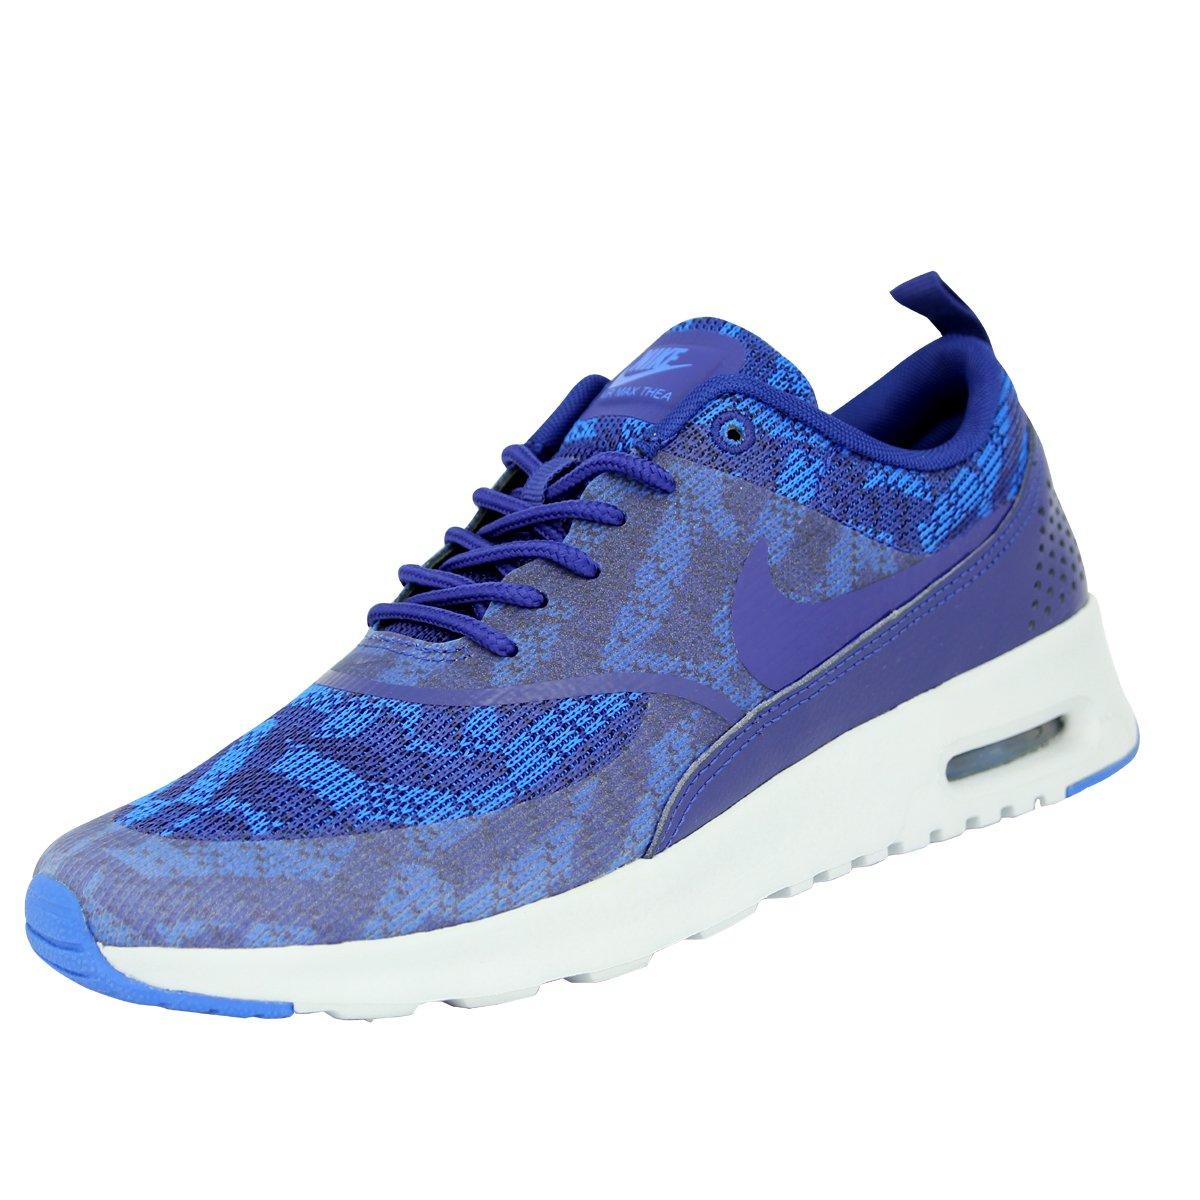 new style 65c04 cabb8 Nike - Air Max Thea Jacquard, Sneaker Basse Donna  Amazon.it  Scarpe e borse